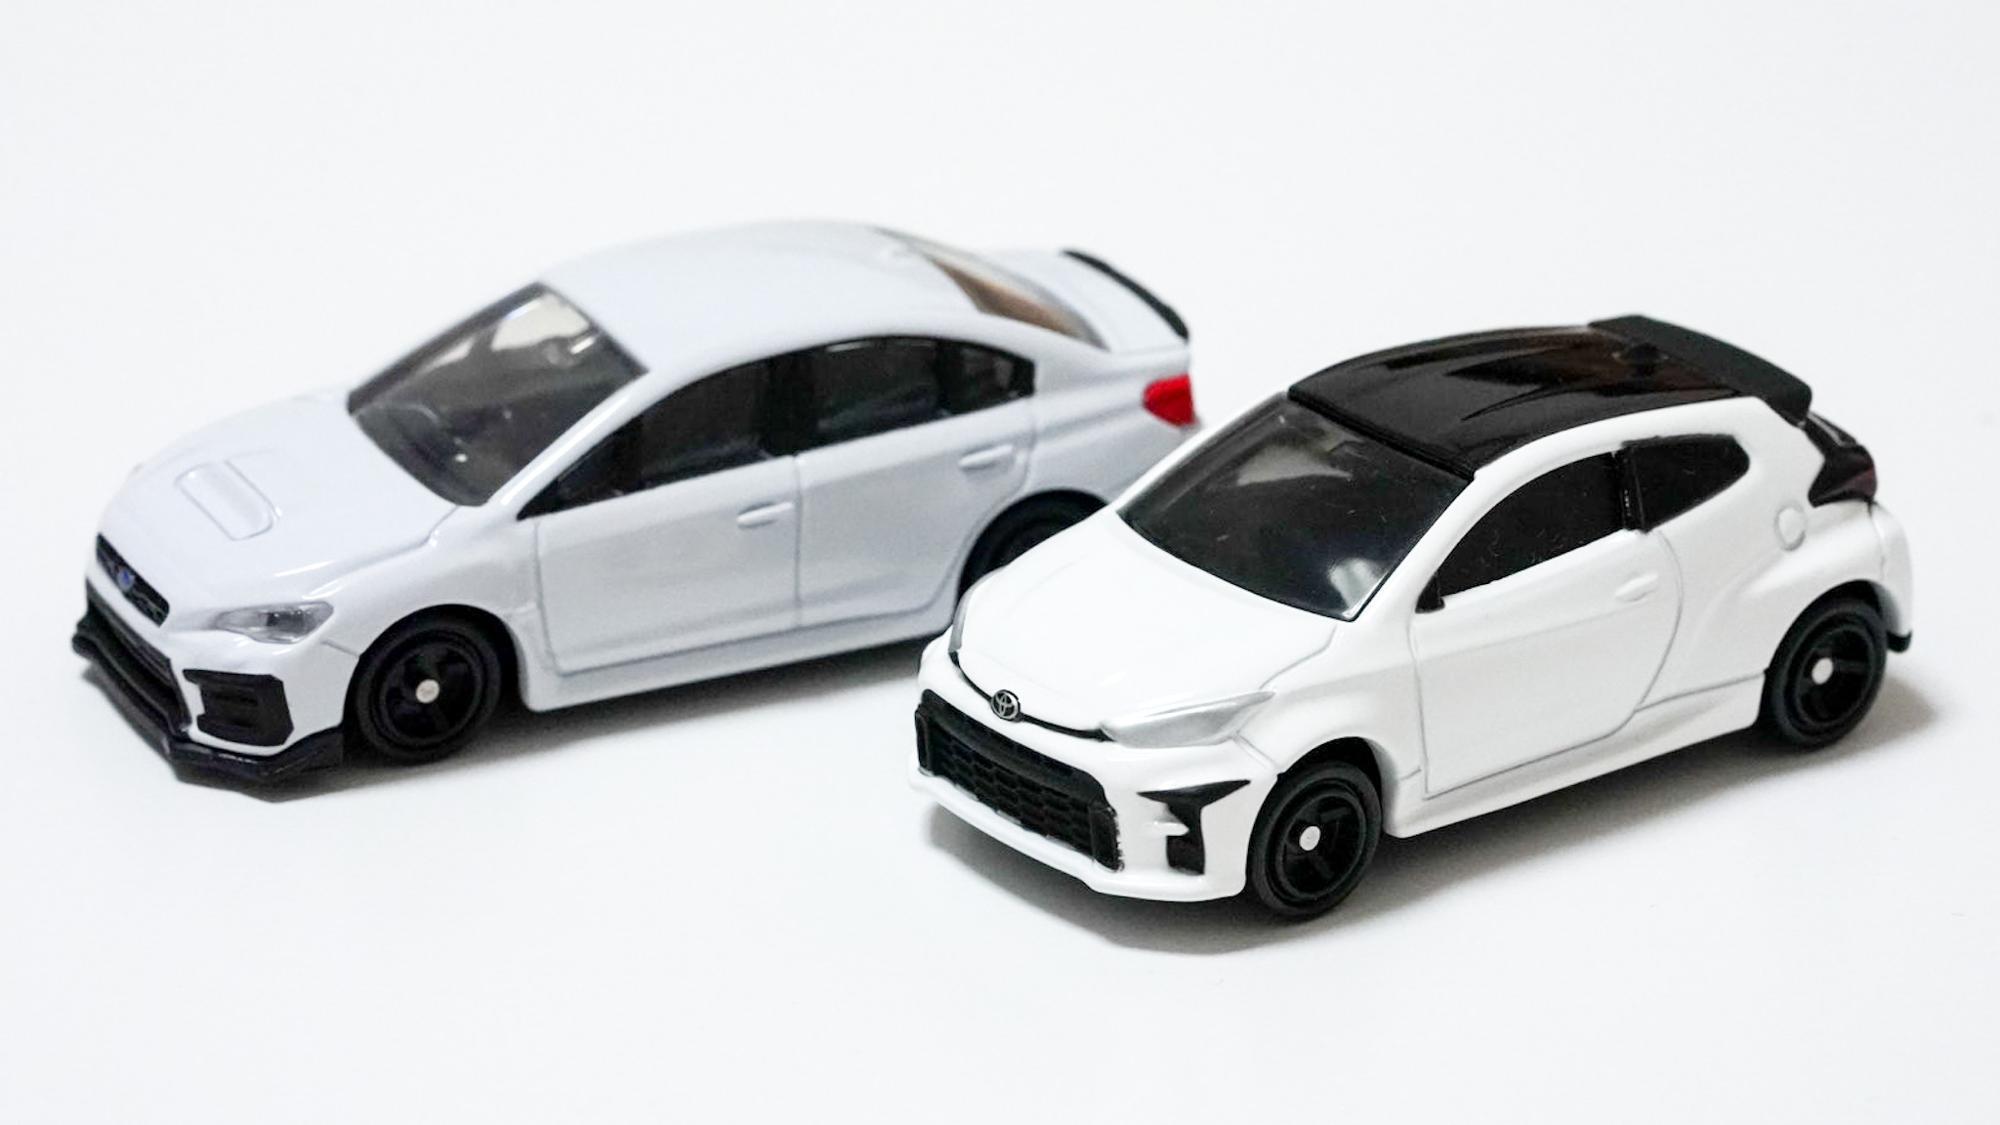 わりと最近のお気に入りはこちらの2台。同じホワイトでもWRXはややくすんだホワイトですね